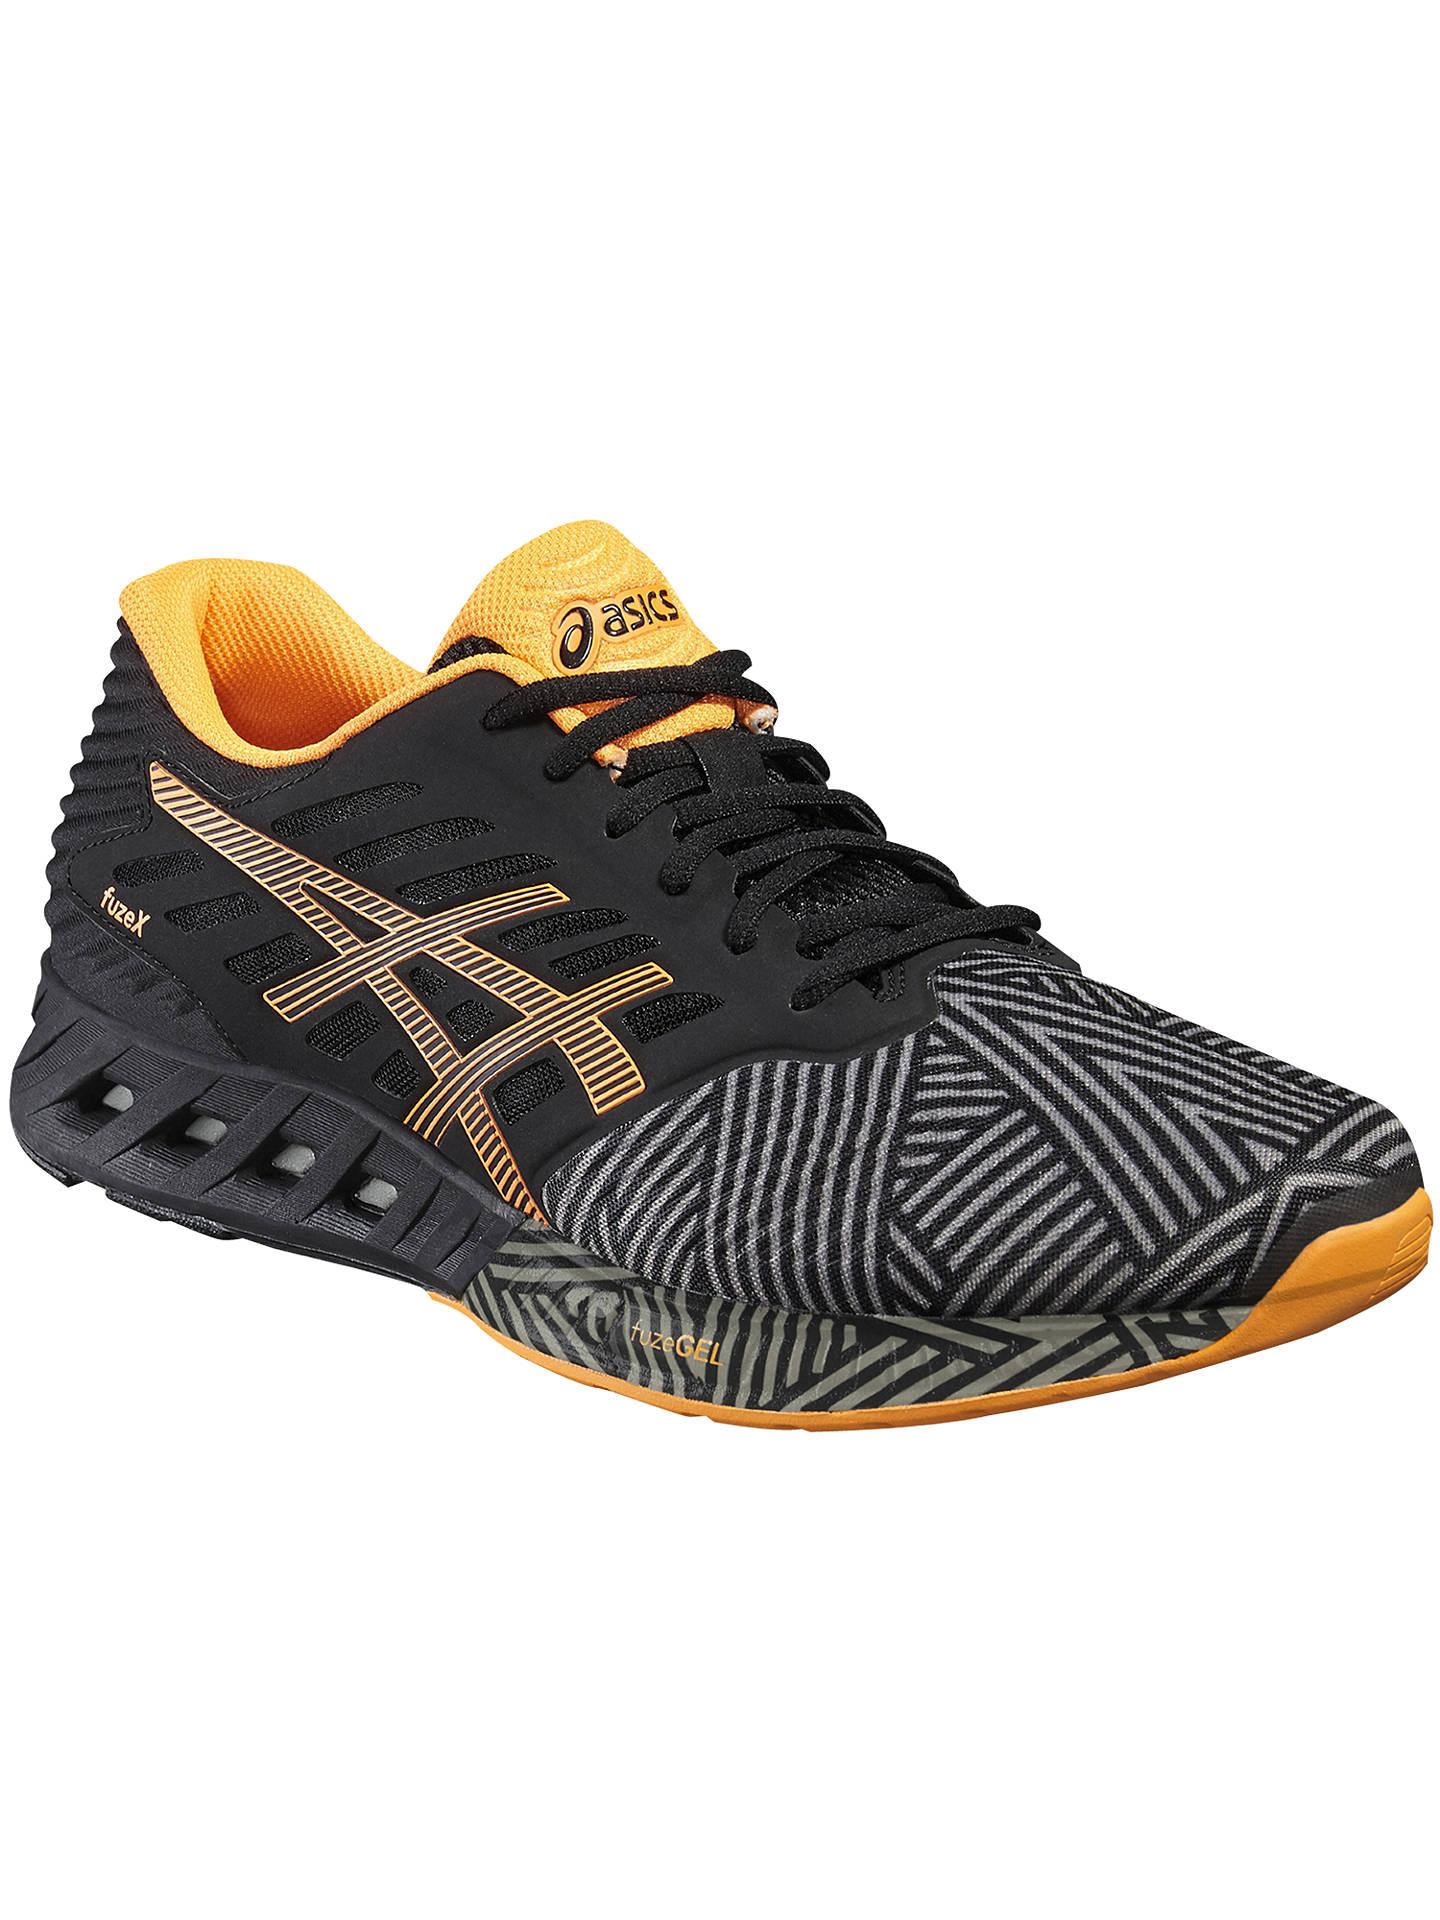 6bc8278d61f BuyAsics Fuzex Men s Running Shoes